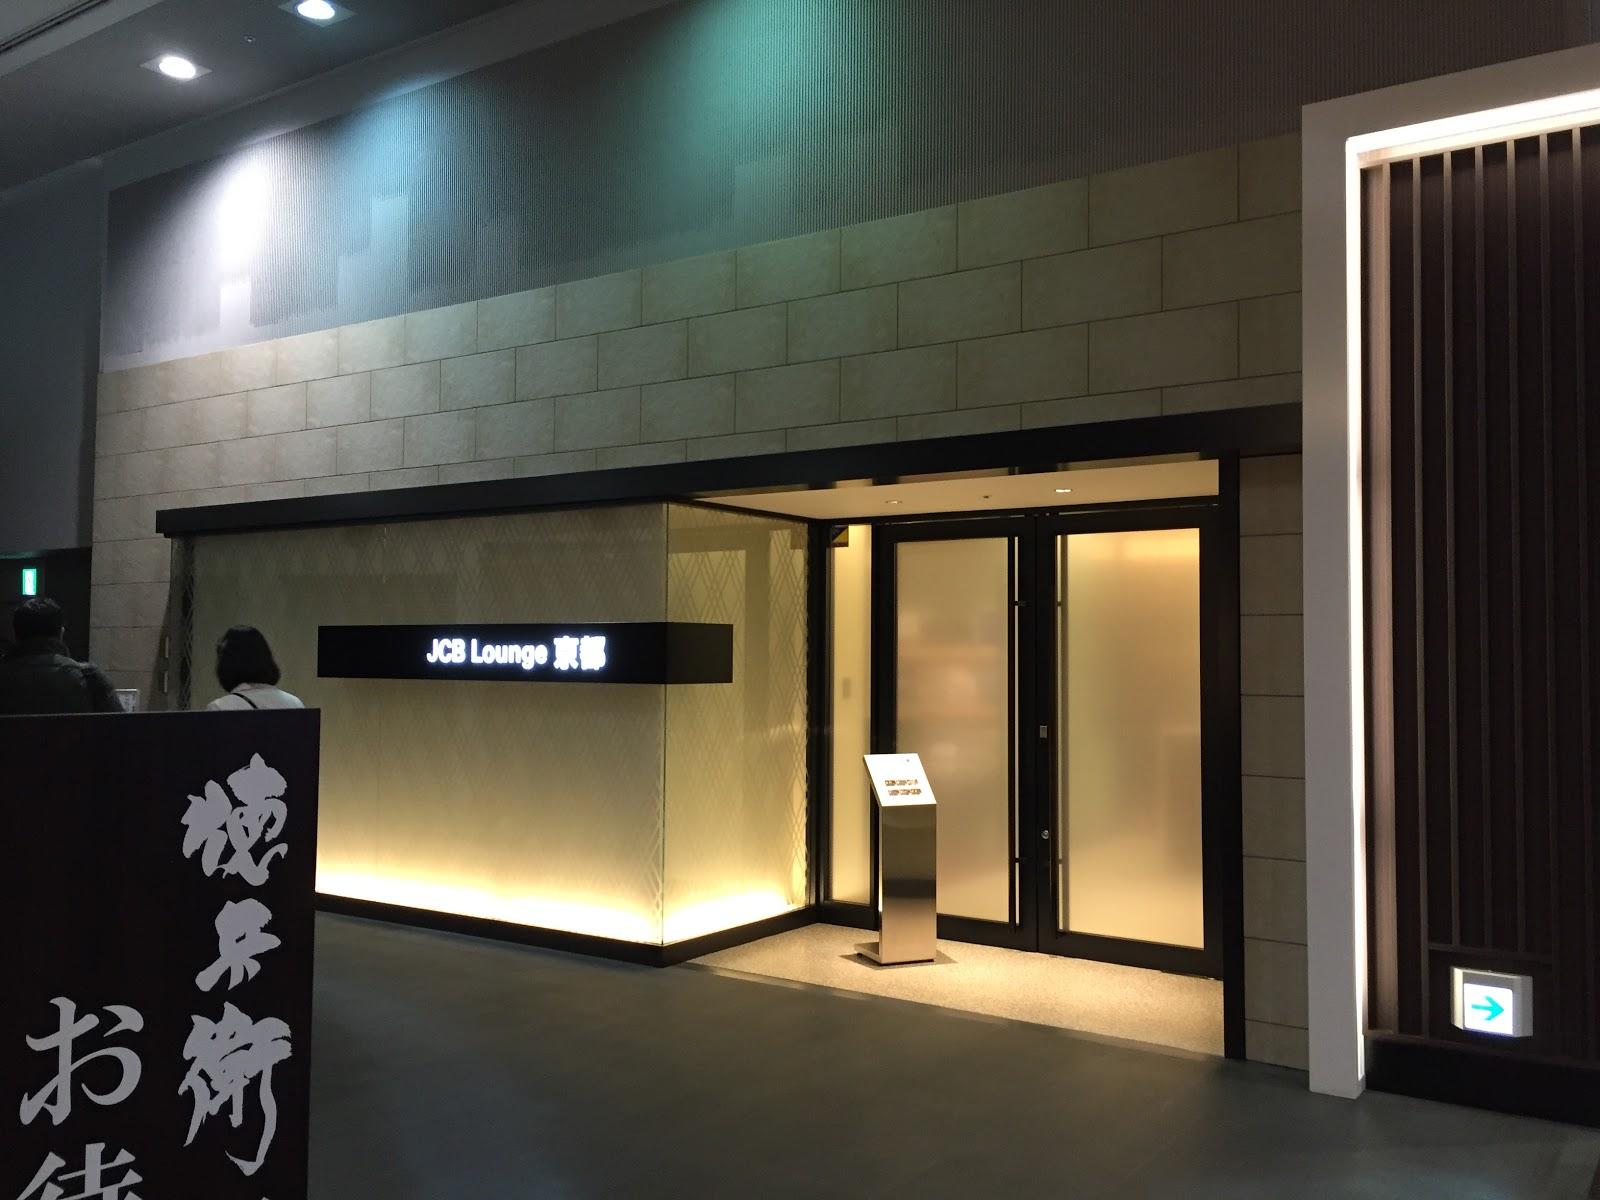 jcb-lounge-kyoto